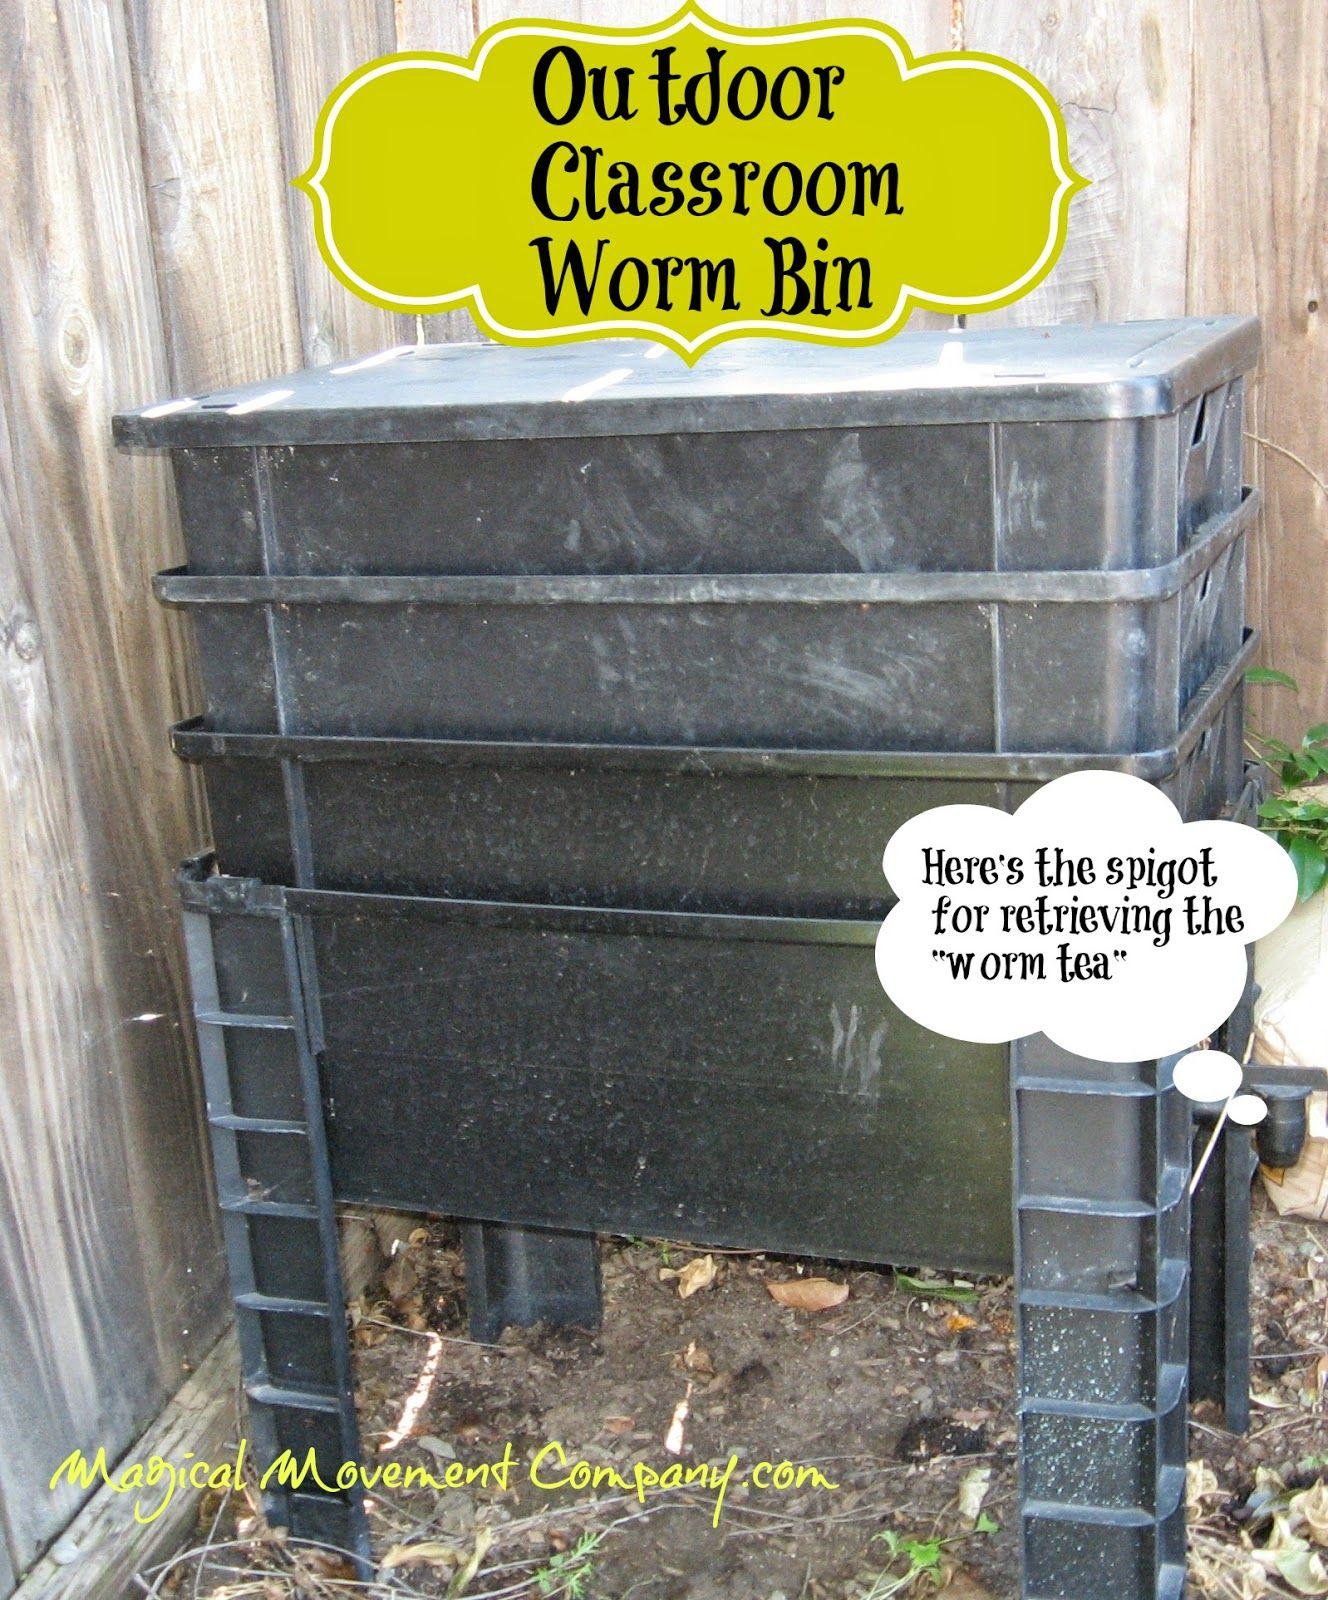 Outdoor Classroom Winter Fun With Garden Worms